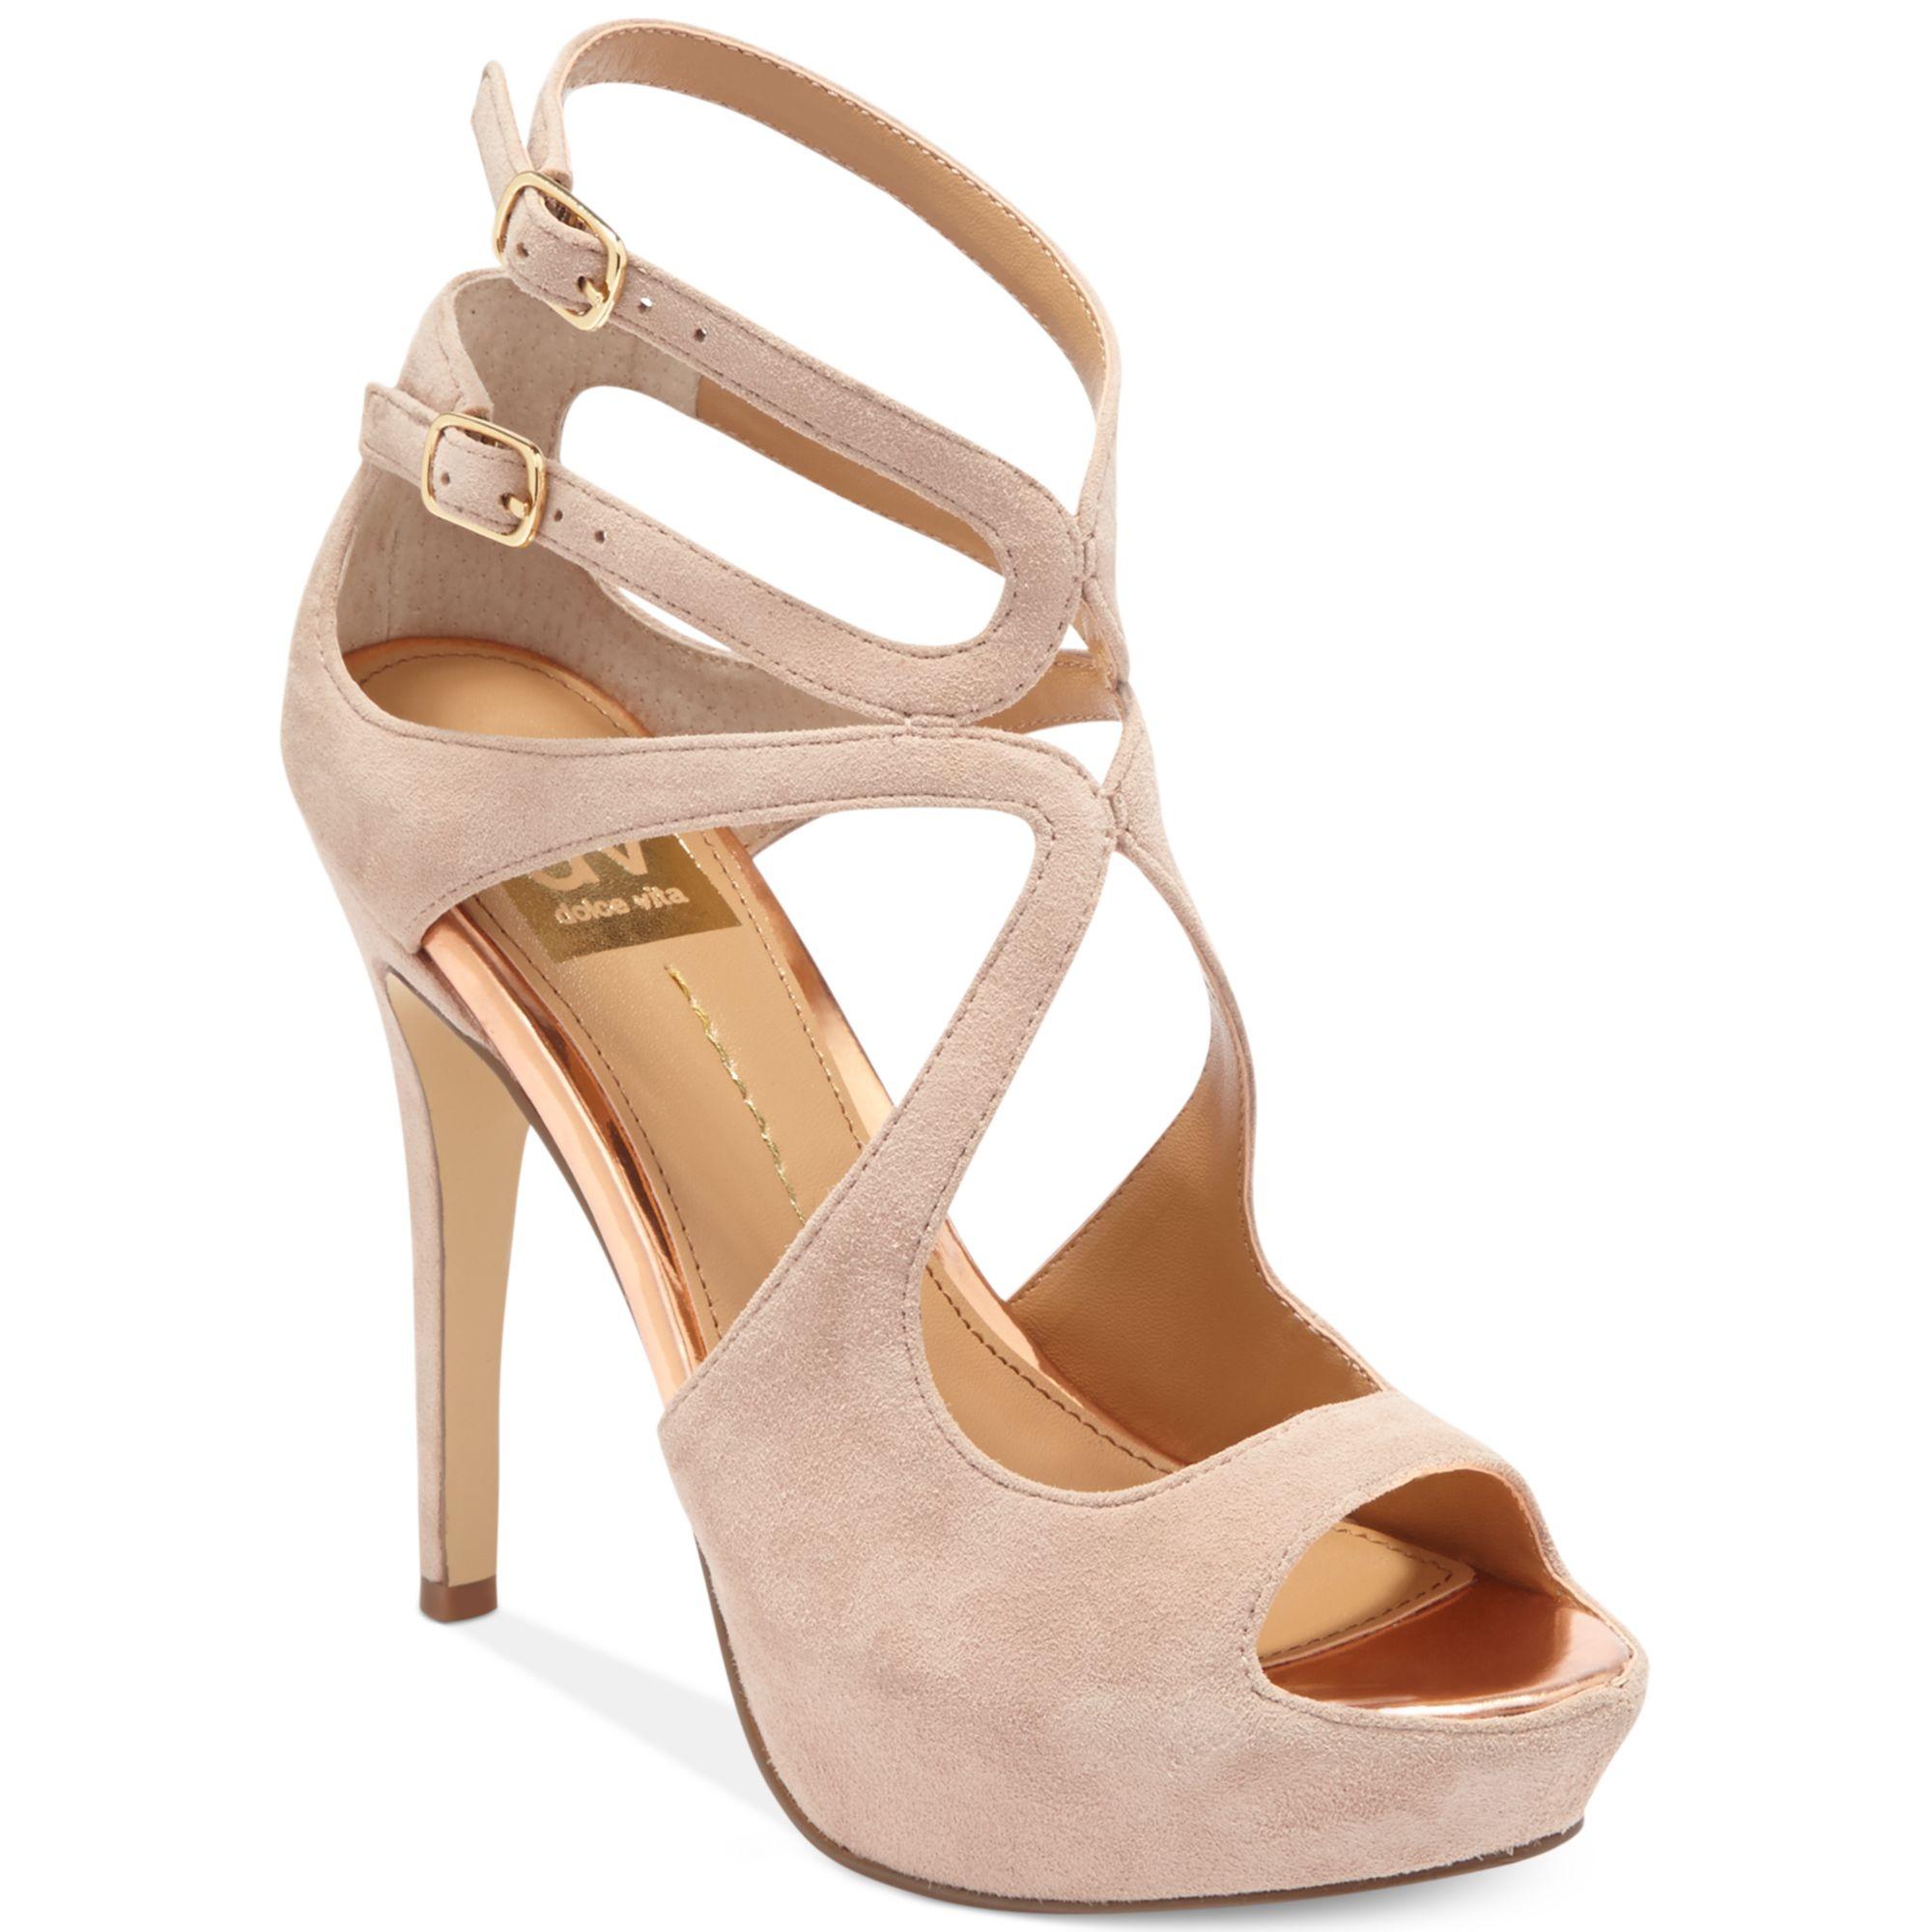 dolce vita dv by brielle platform sandals in pink blush